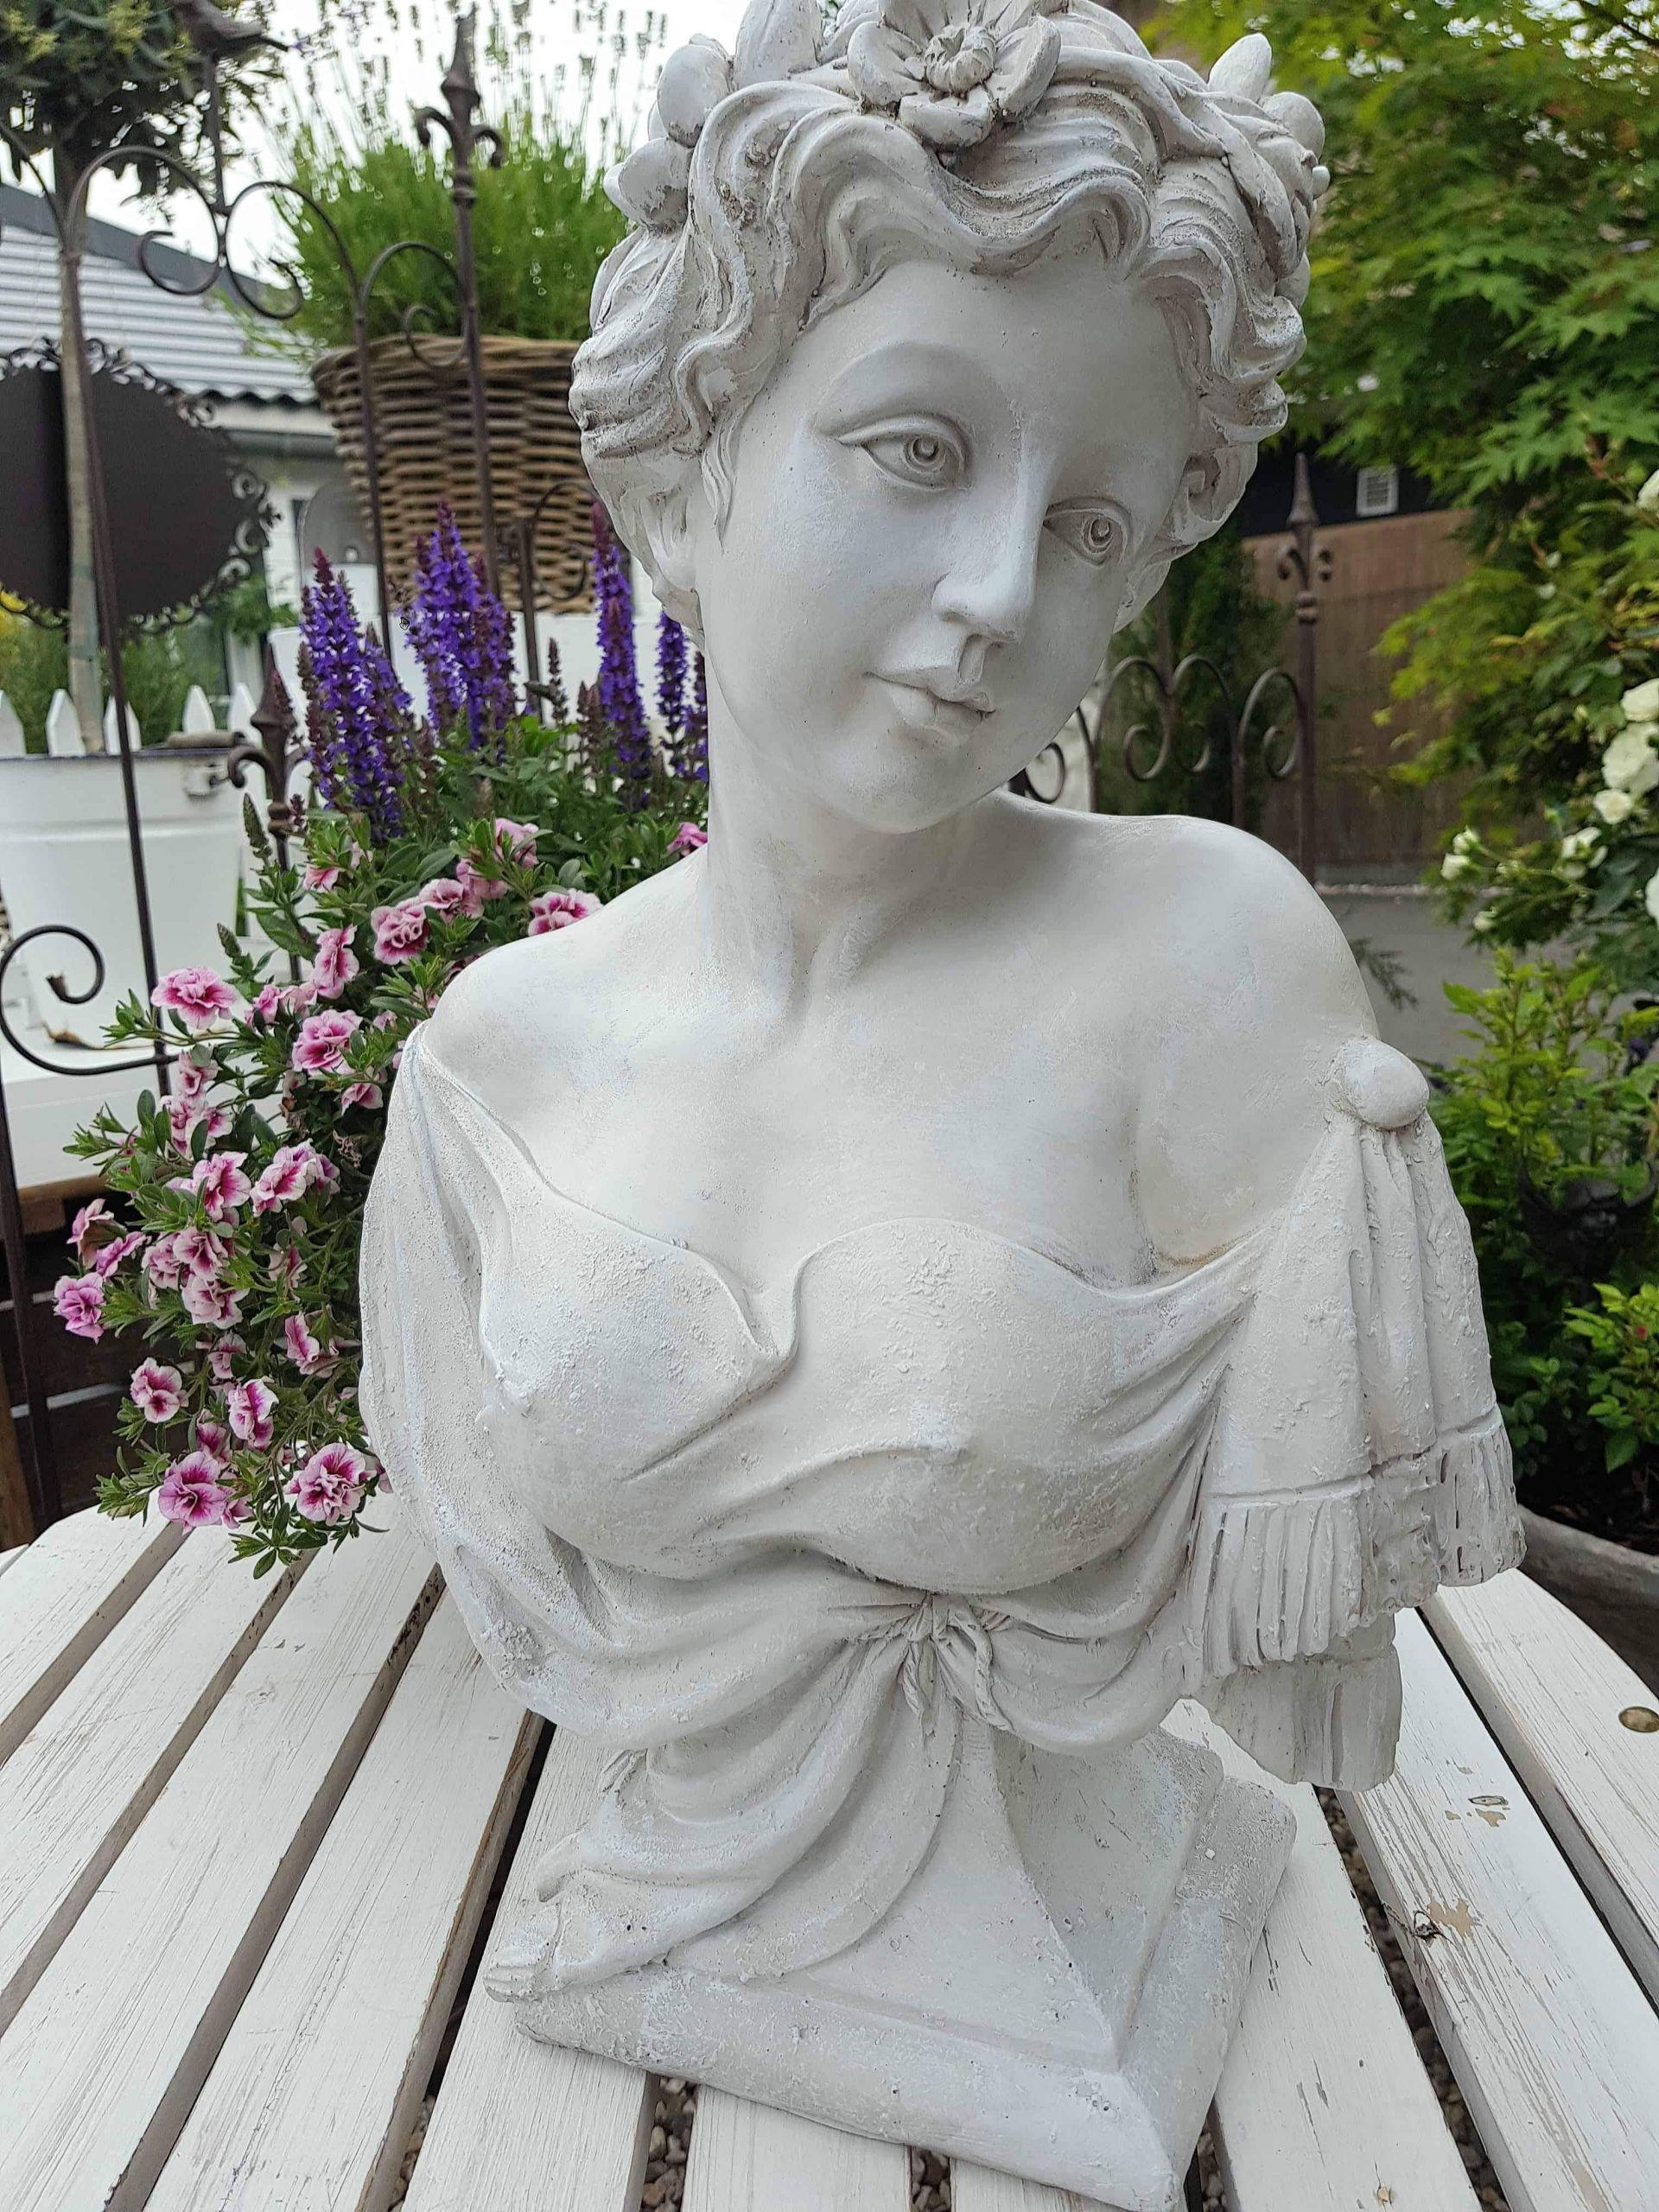 shabby chic gartendeko mit buste statur skulptur weis frauenkopf shabby vintage landhaus garten deko mary 41 und mit shabby chic gartendeko